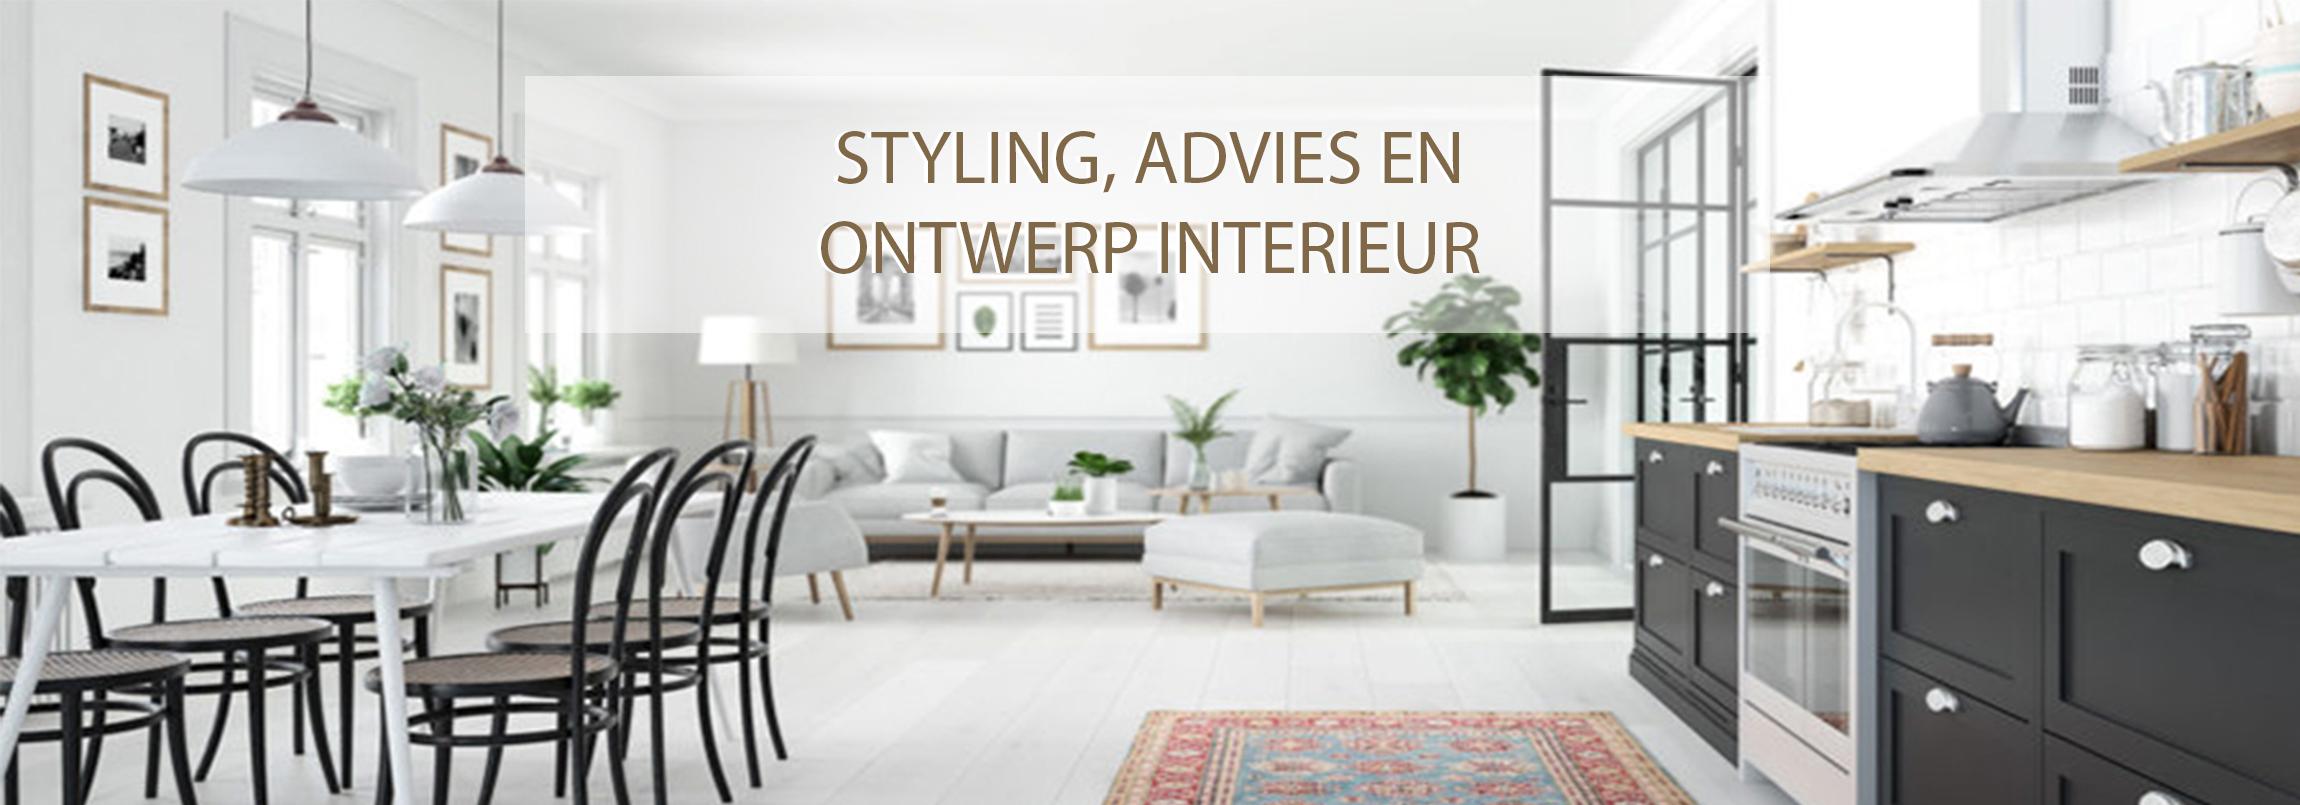 styling advies en ontwerp interieur